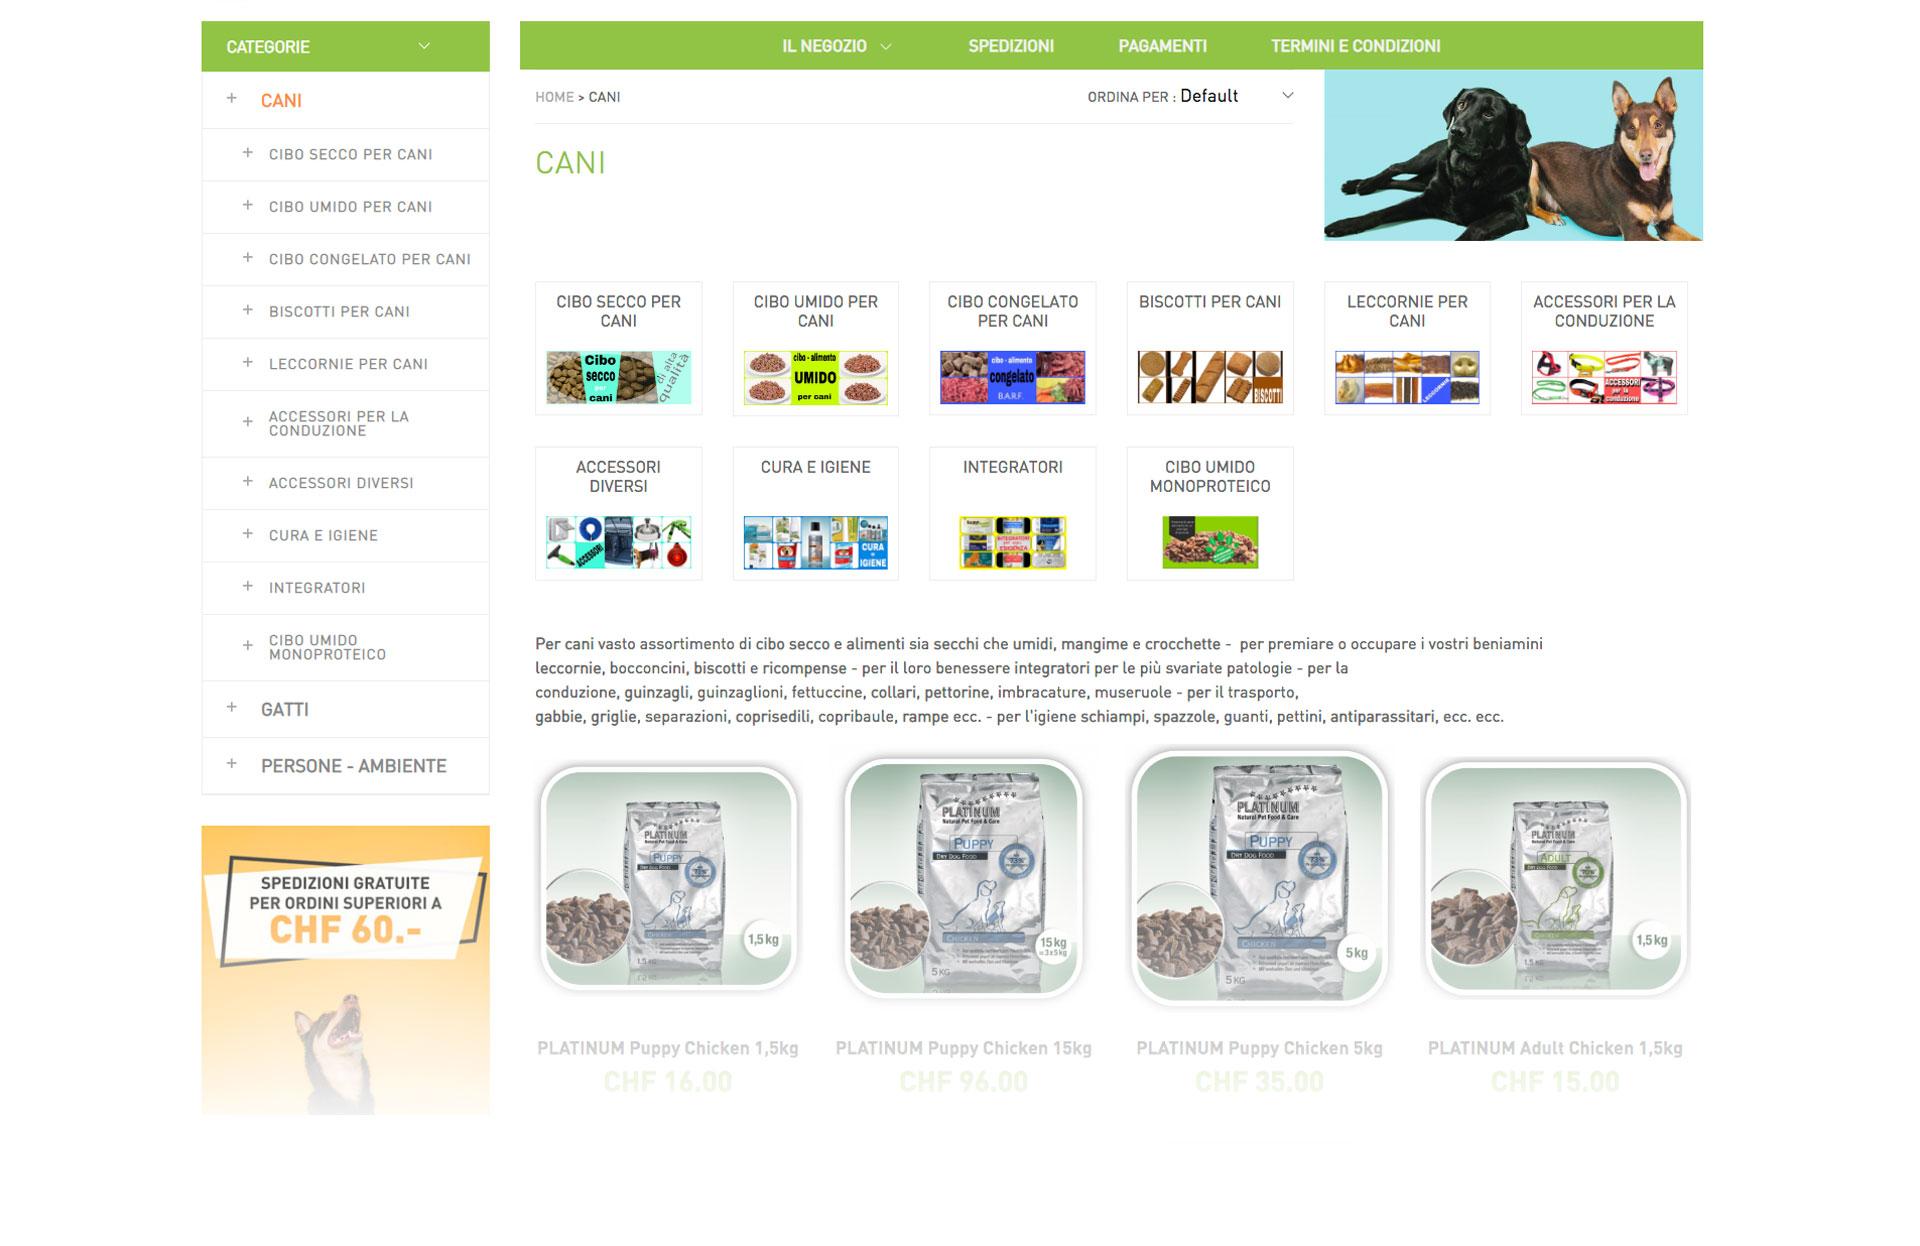 GSite Progetti Ecommerce Interfood pagina prodotti